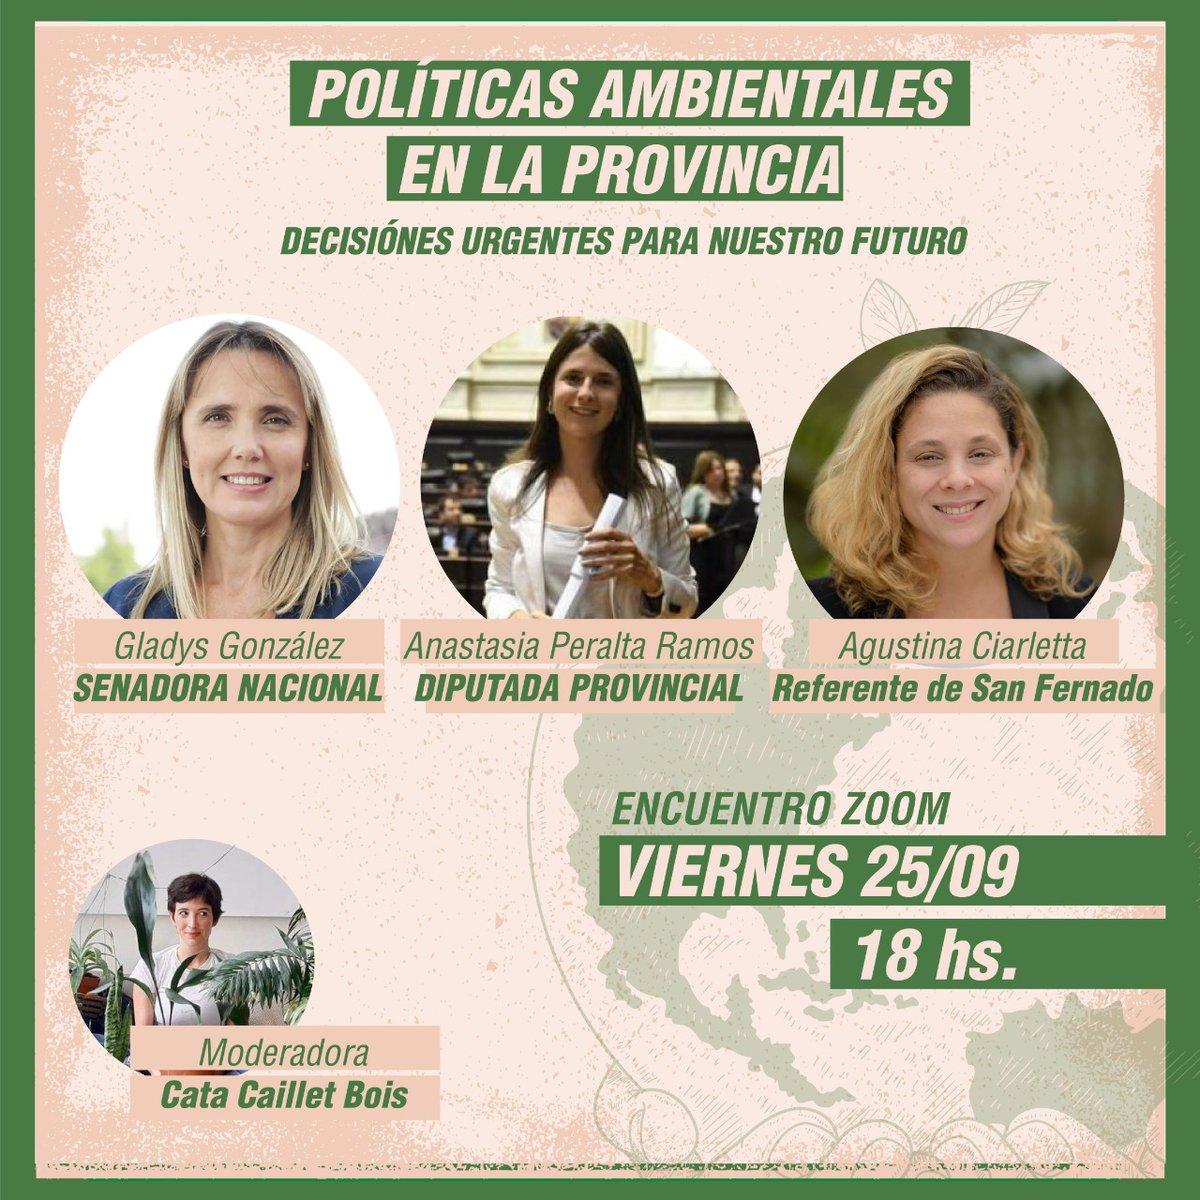 """Este viernes sumate a la charla """"Políticas Ambientales en la Provincia: Decisiones urgentes para nuestro futuro"""" que vamos a estar realizando a través de Zoom 👩💻 junto a @gladys_gonzalez, @AgusCiarletta y @CataCailletBois. 🗓️ Viernes 25 de Septiembre 🕐 18 hs. https://t.co/z8HjyqqDt4"""